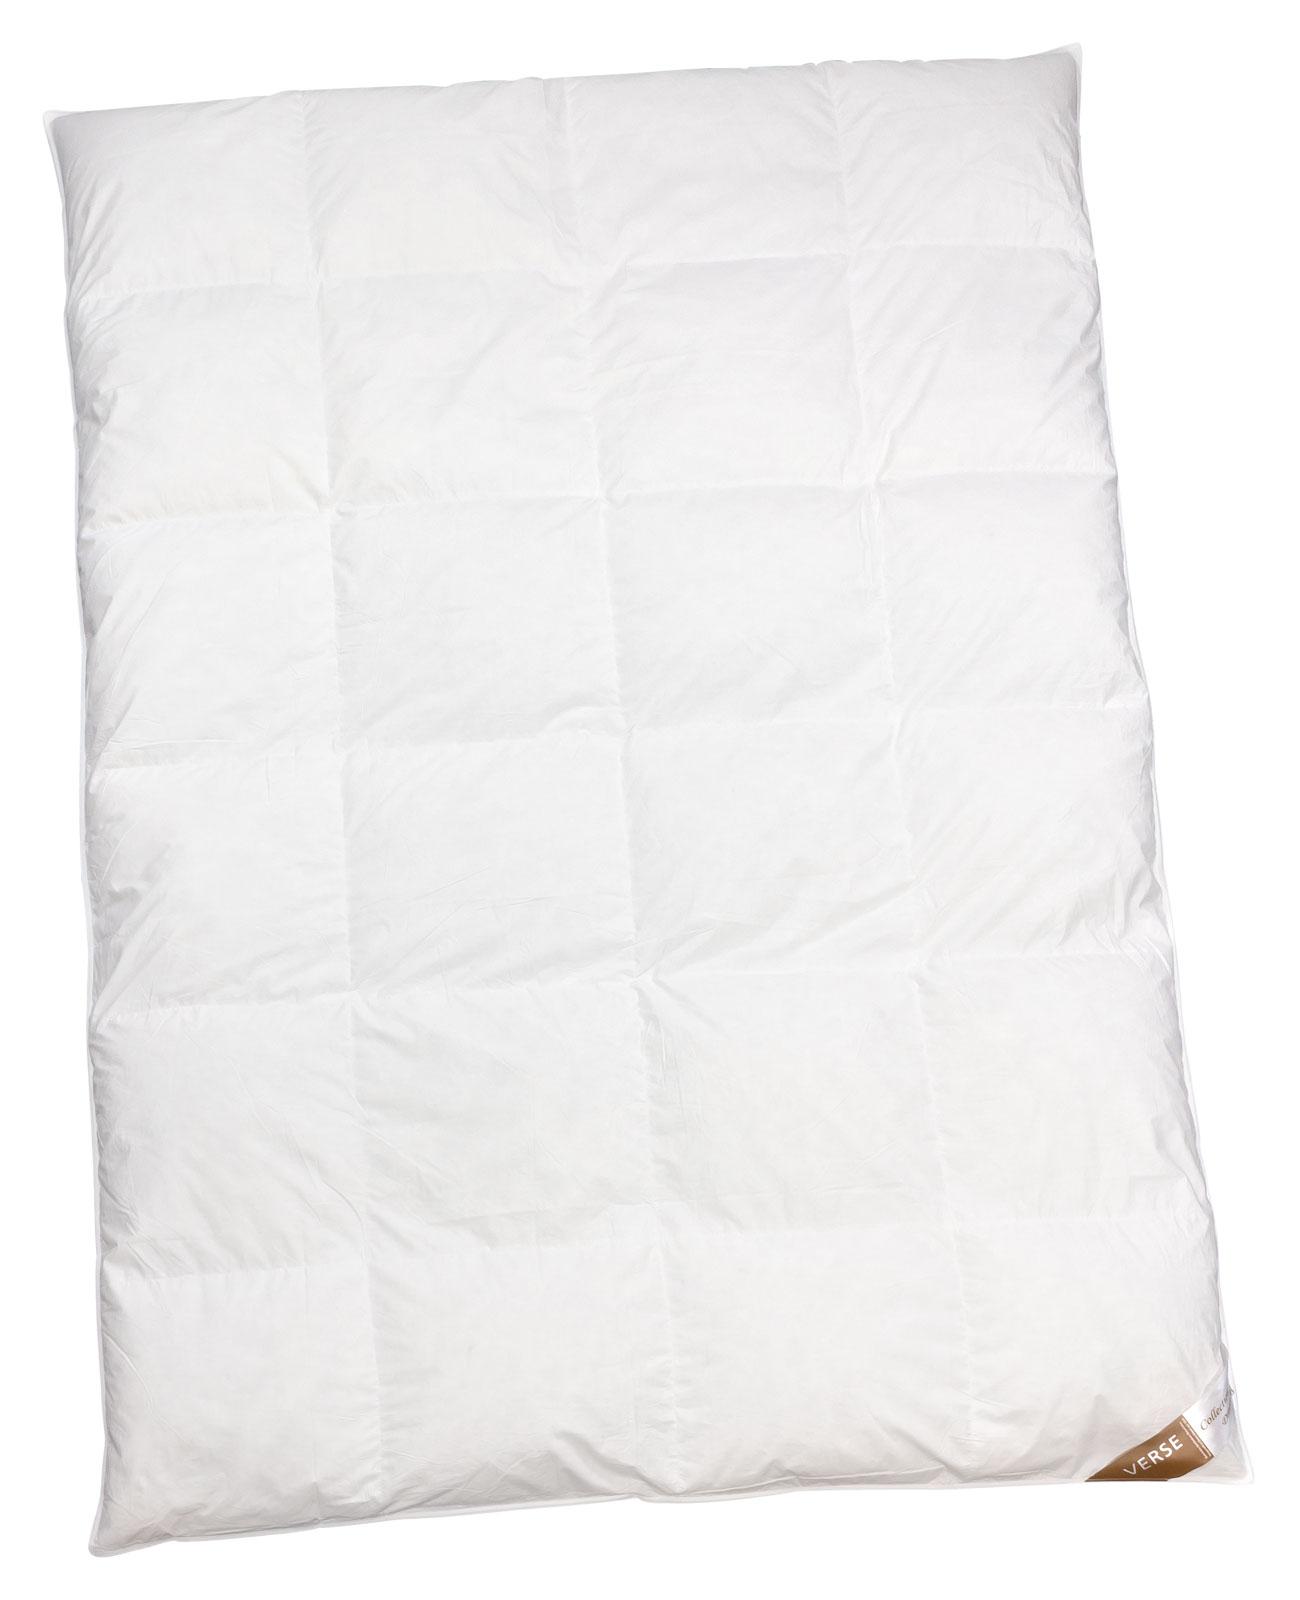 Bettdecken und Kopfkissen - Ganzjahresdecke leicht Daunen Bettdecke 135x200 Verse Collection Dreaming  - Onlineshop PremiumShop321